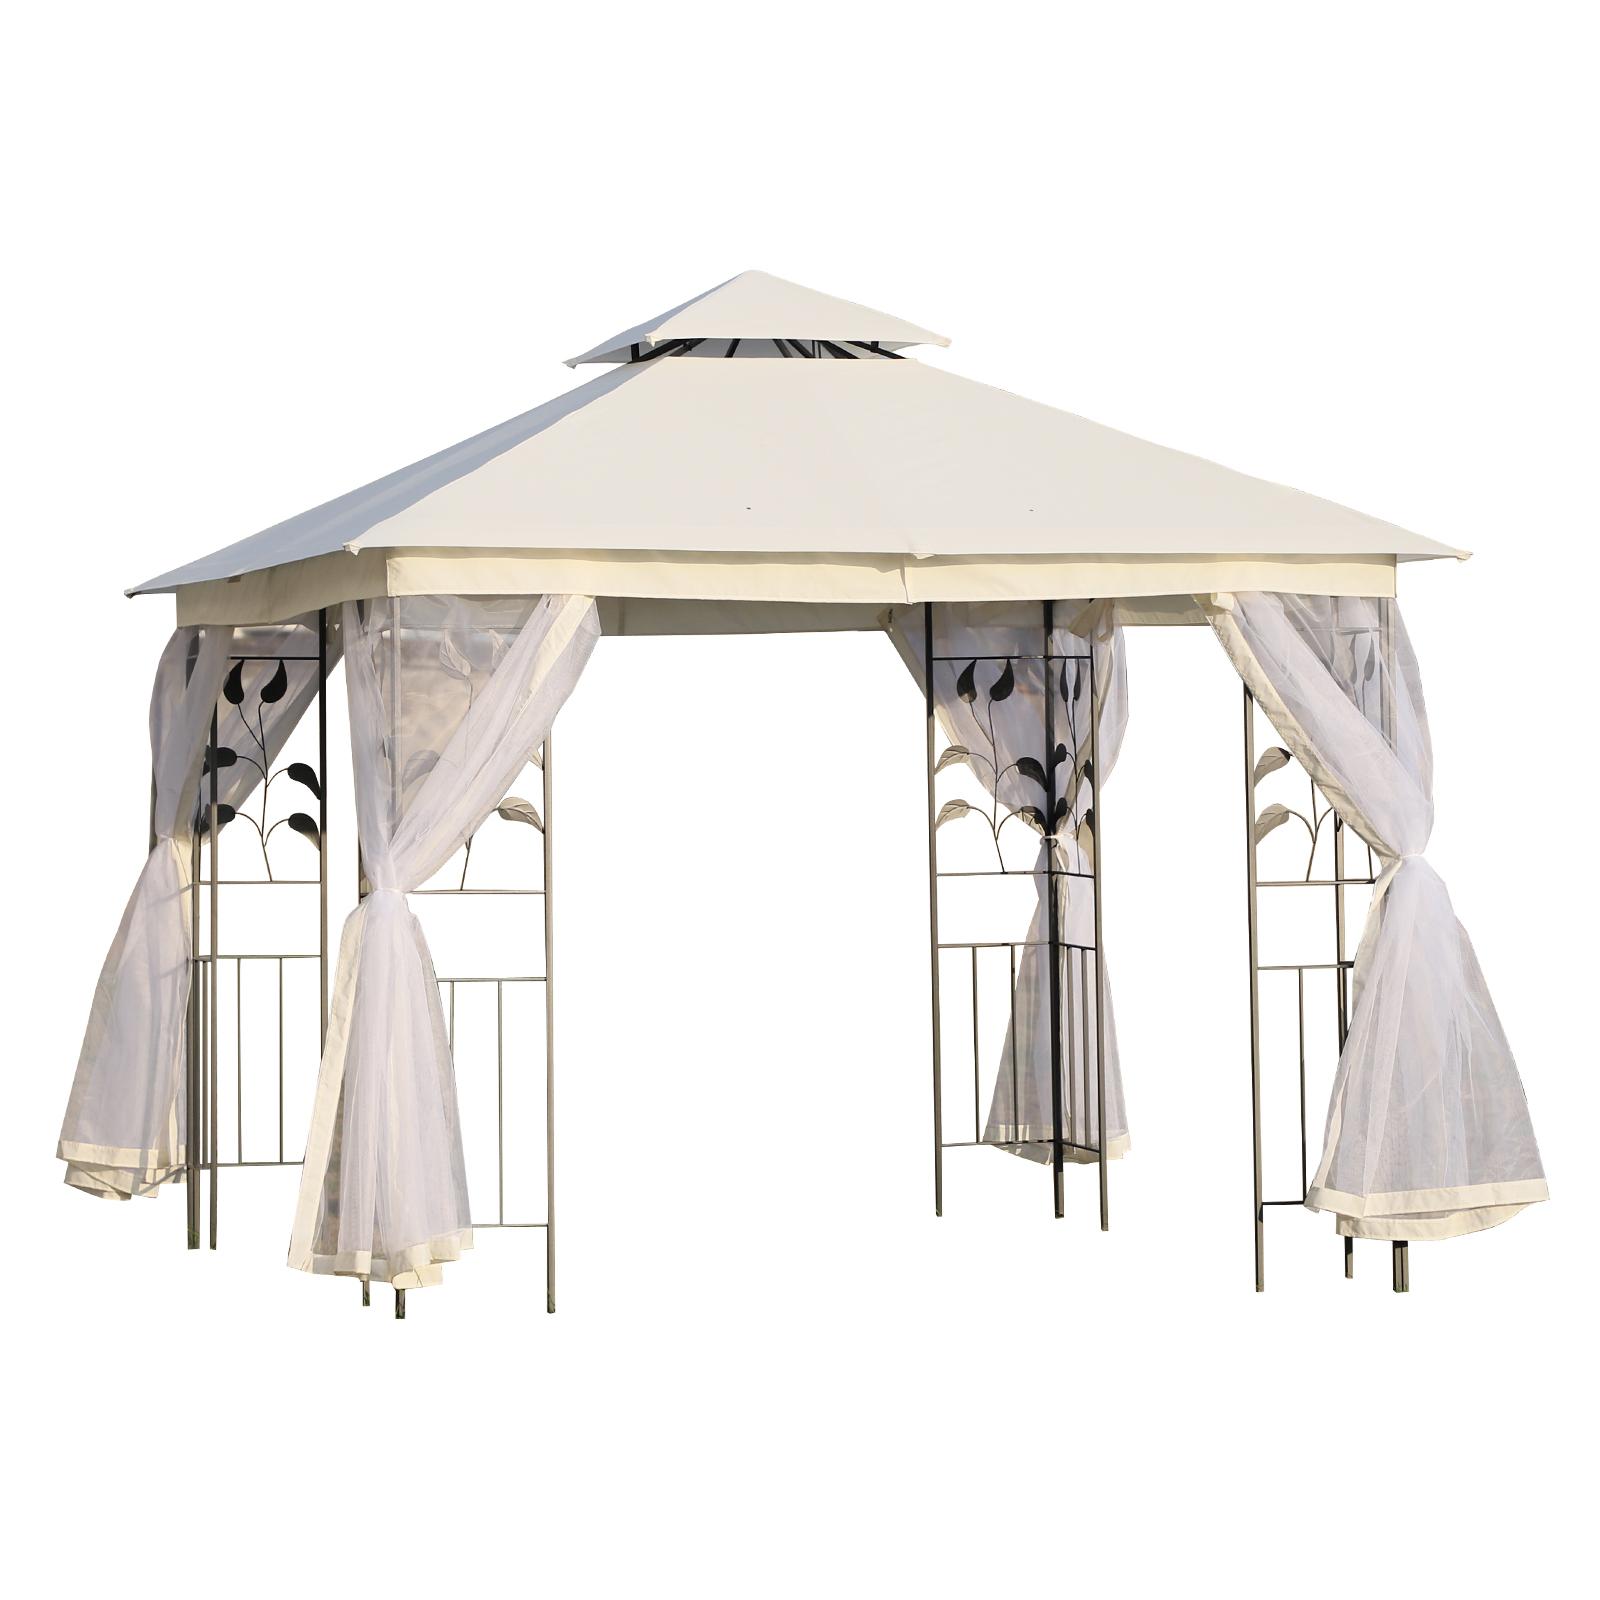 Outsunny Tonnelle barnum style colonial double toit toiles moustiquaires amovibles 3L x 3l x 2,65H m beige